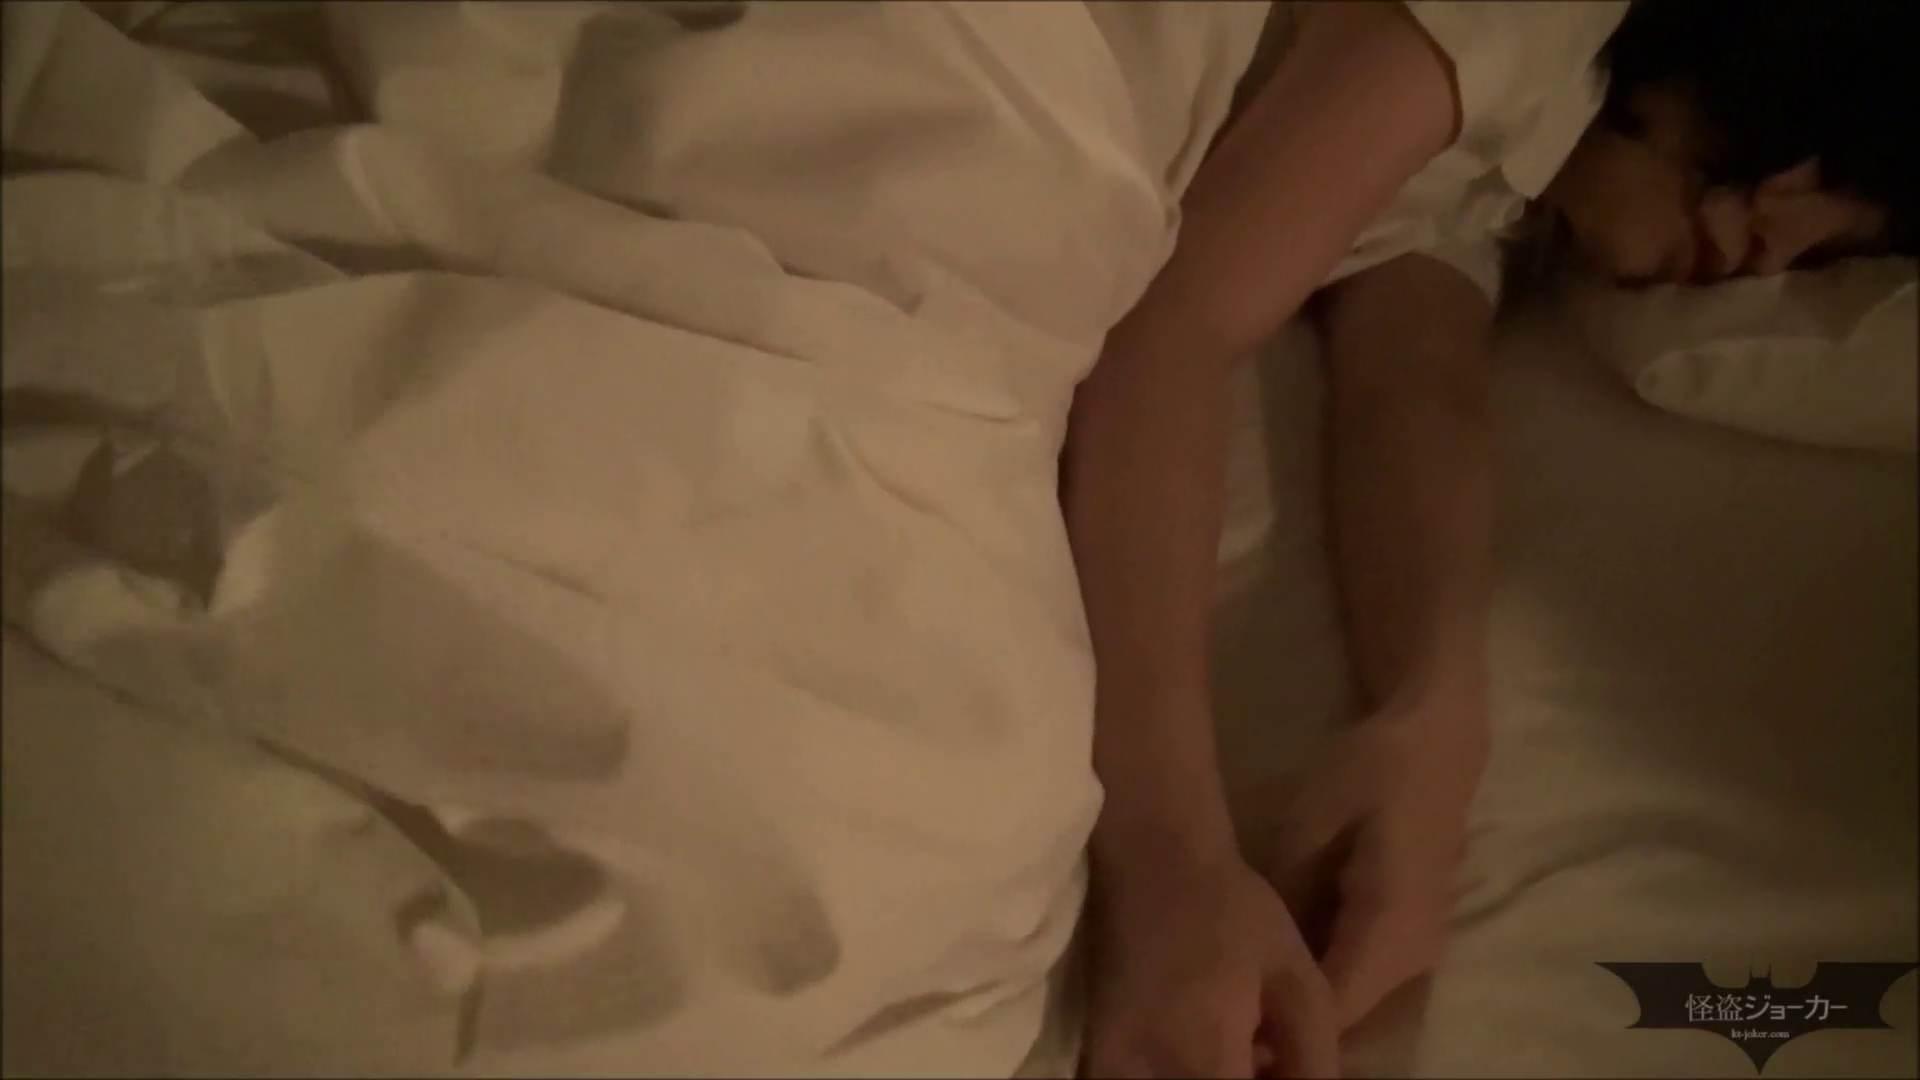 【未公開】vol.58【小春】私の子を孕んだ日・・・ ギャル  106PIX 16